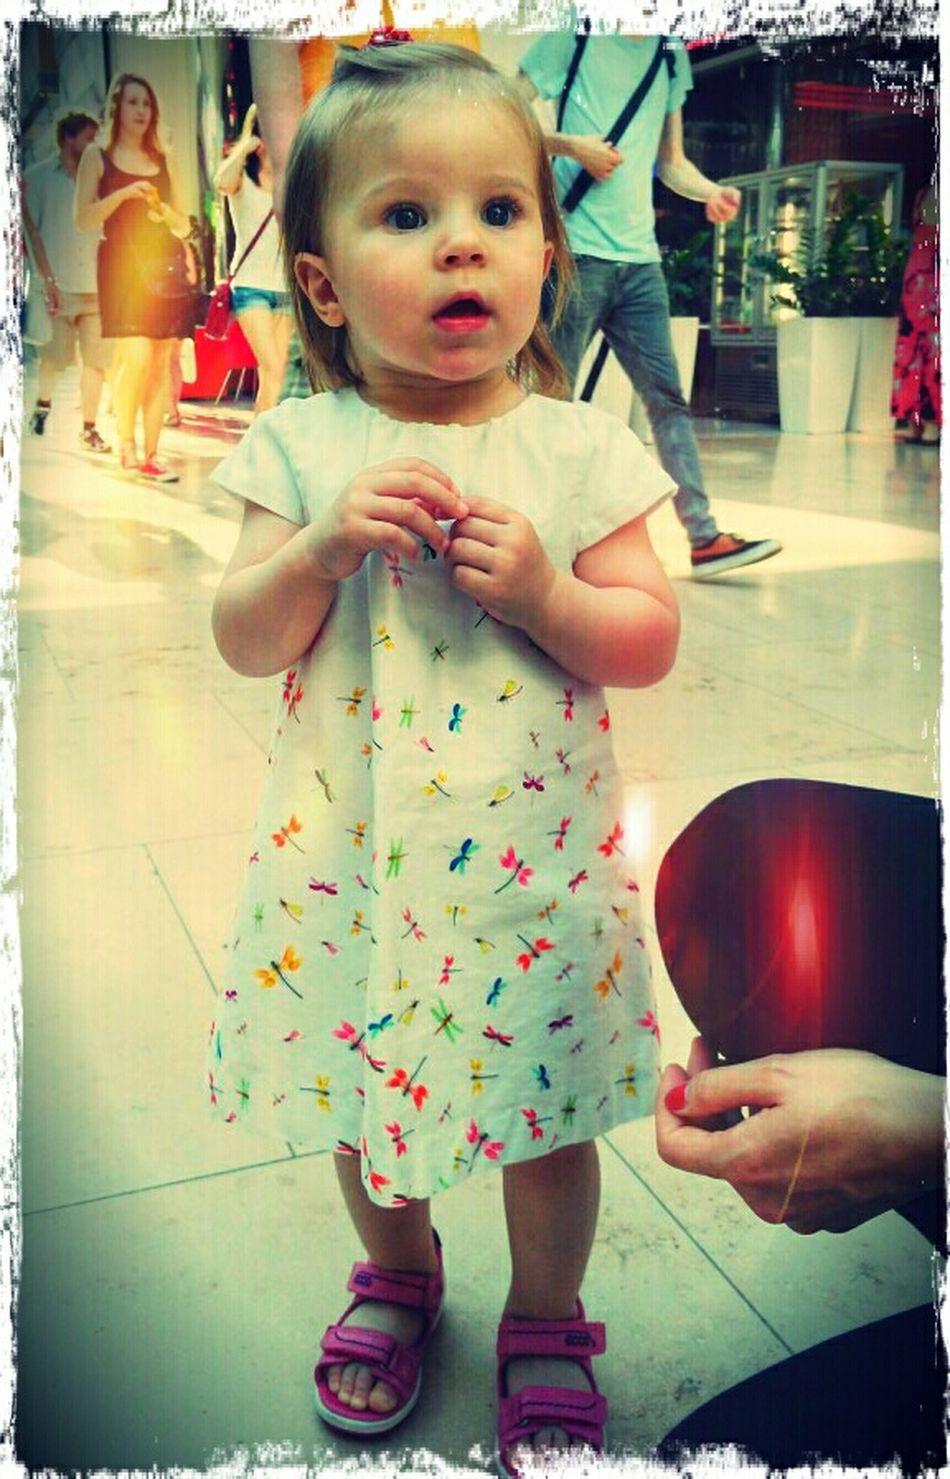 Cute wonder child face Face Kids Smile Wondering Bewildered Cute Look